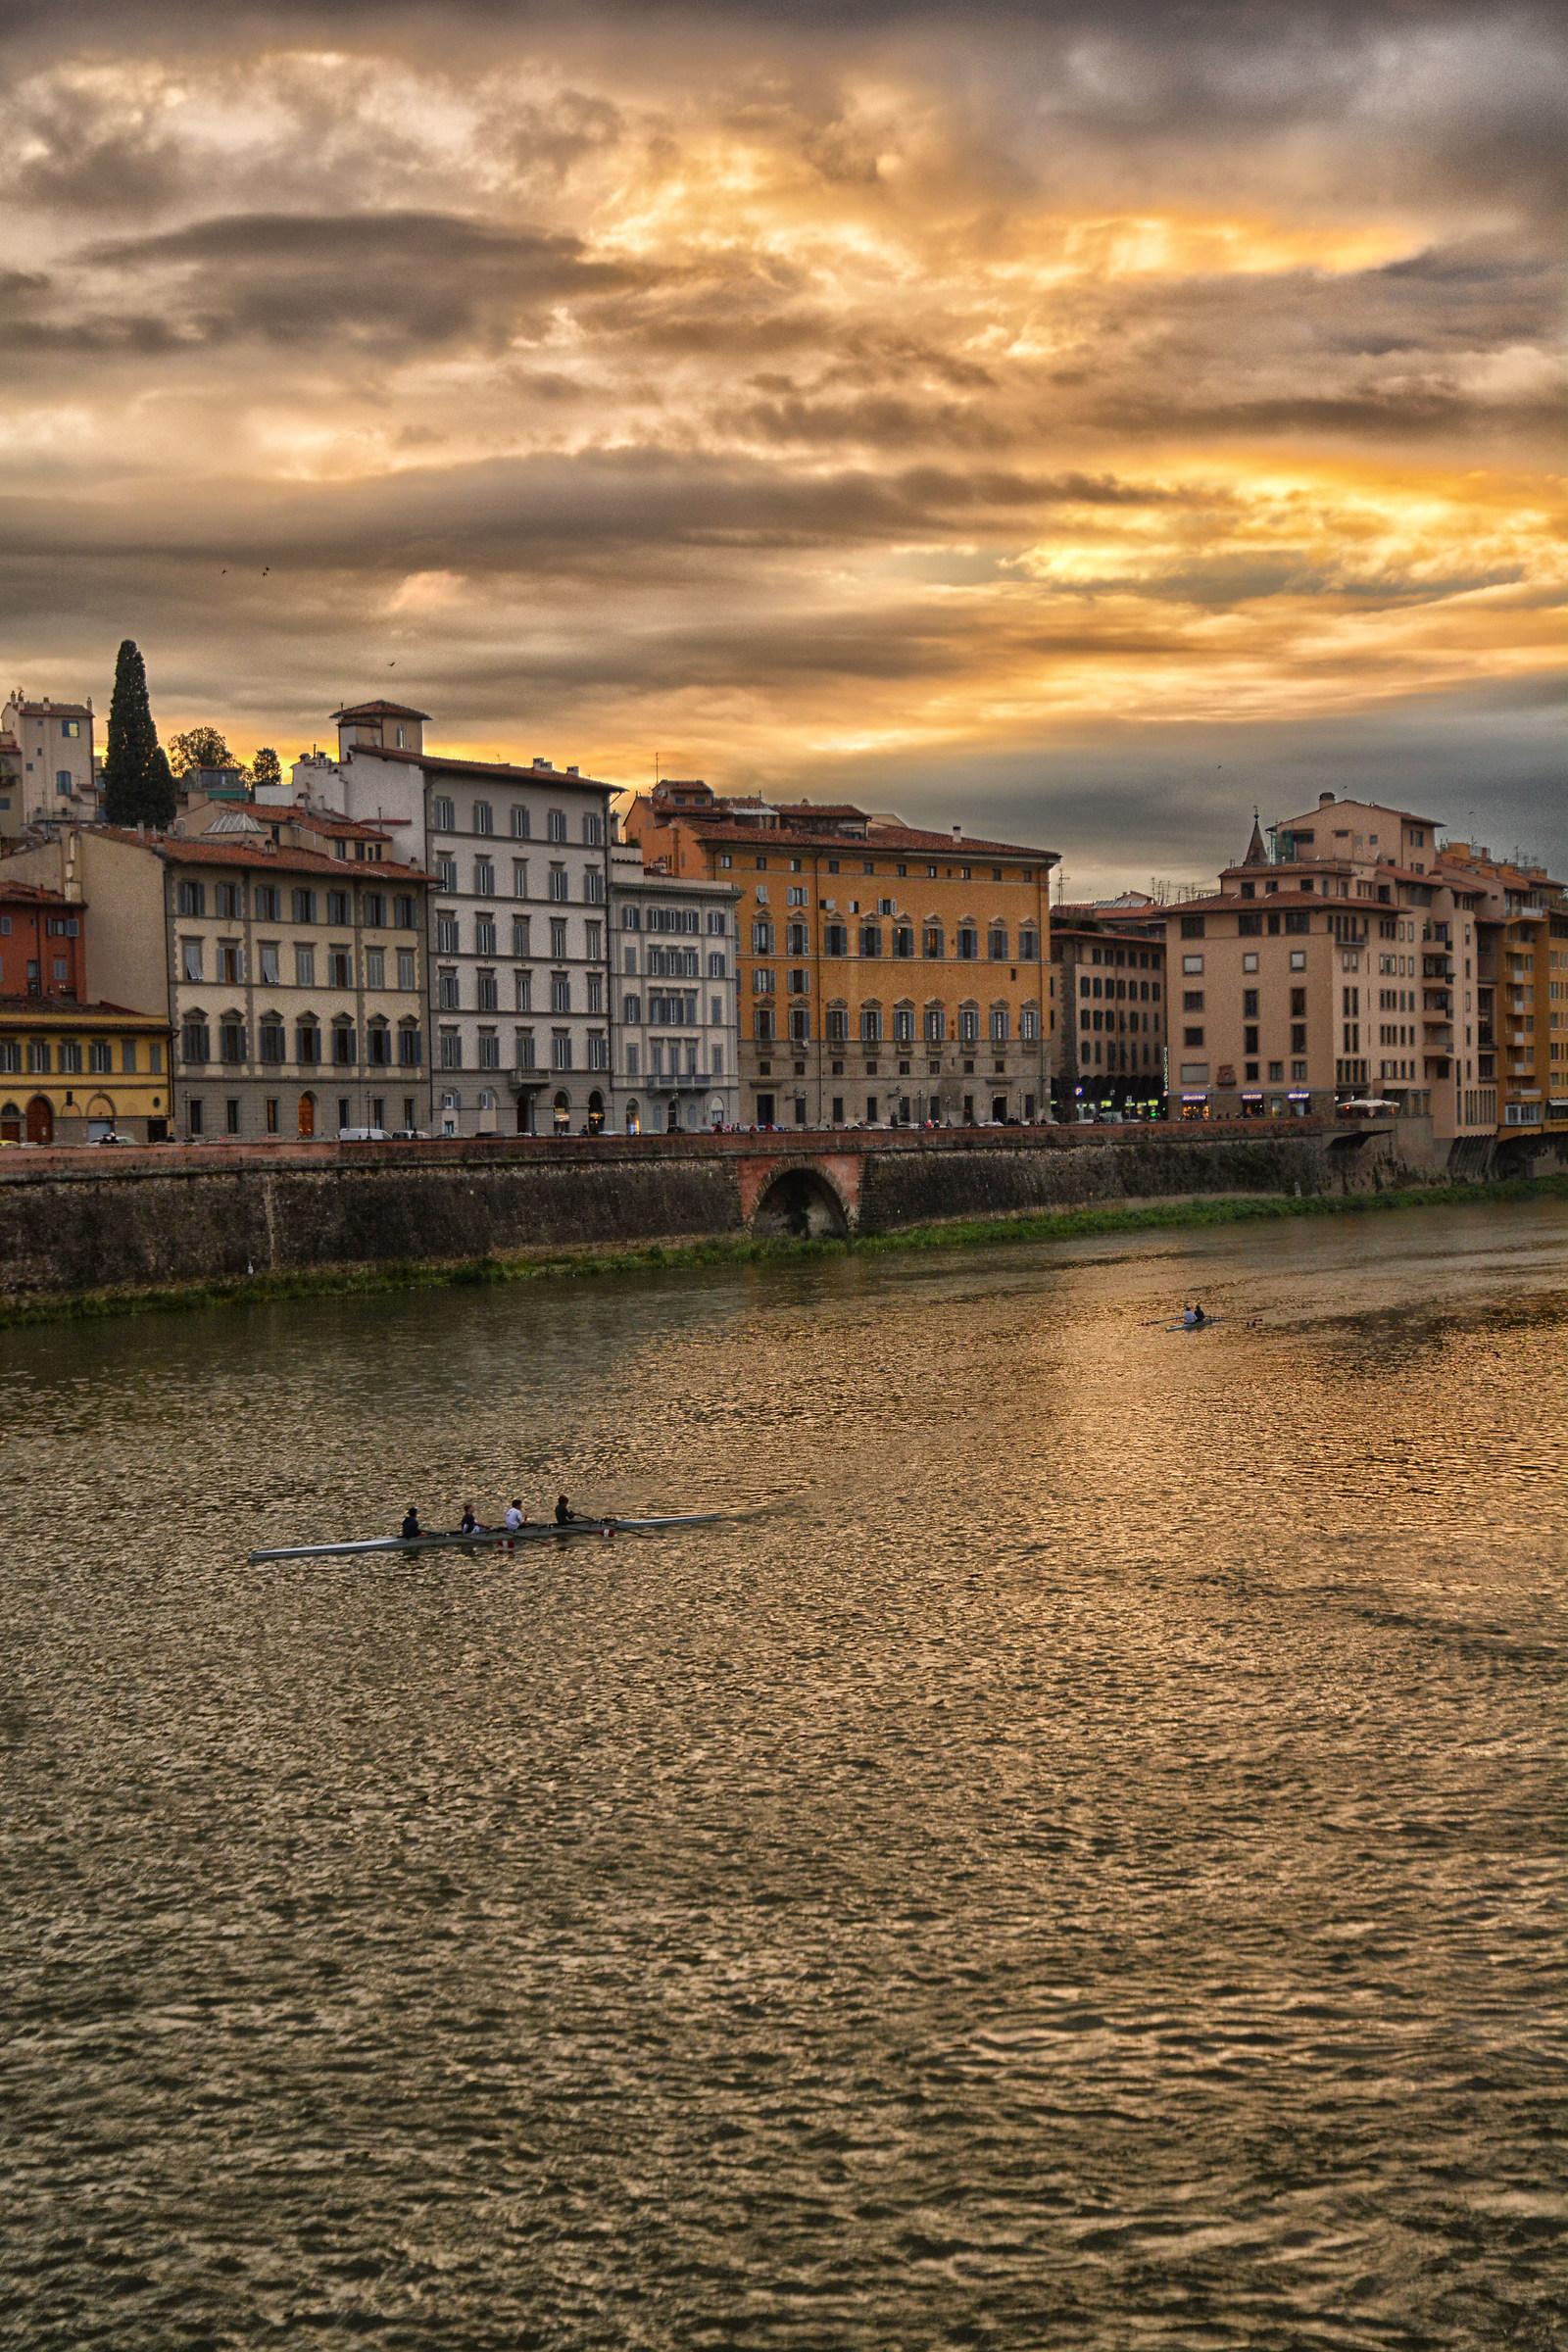 Arno at sunset...